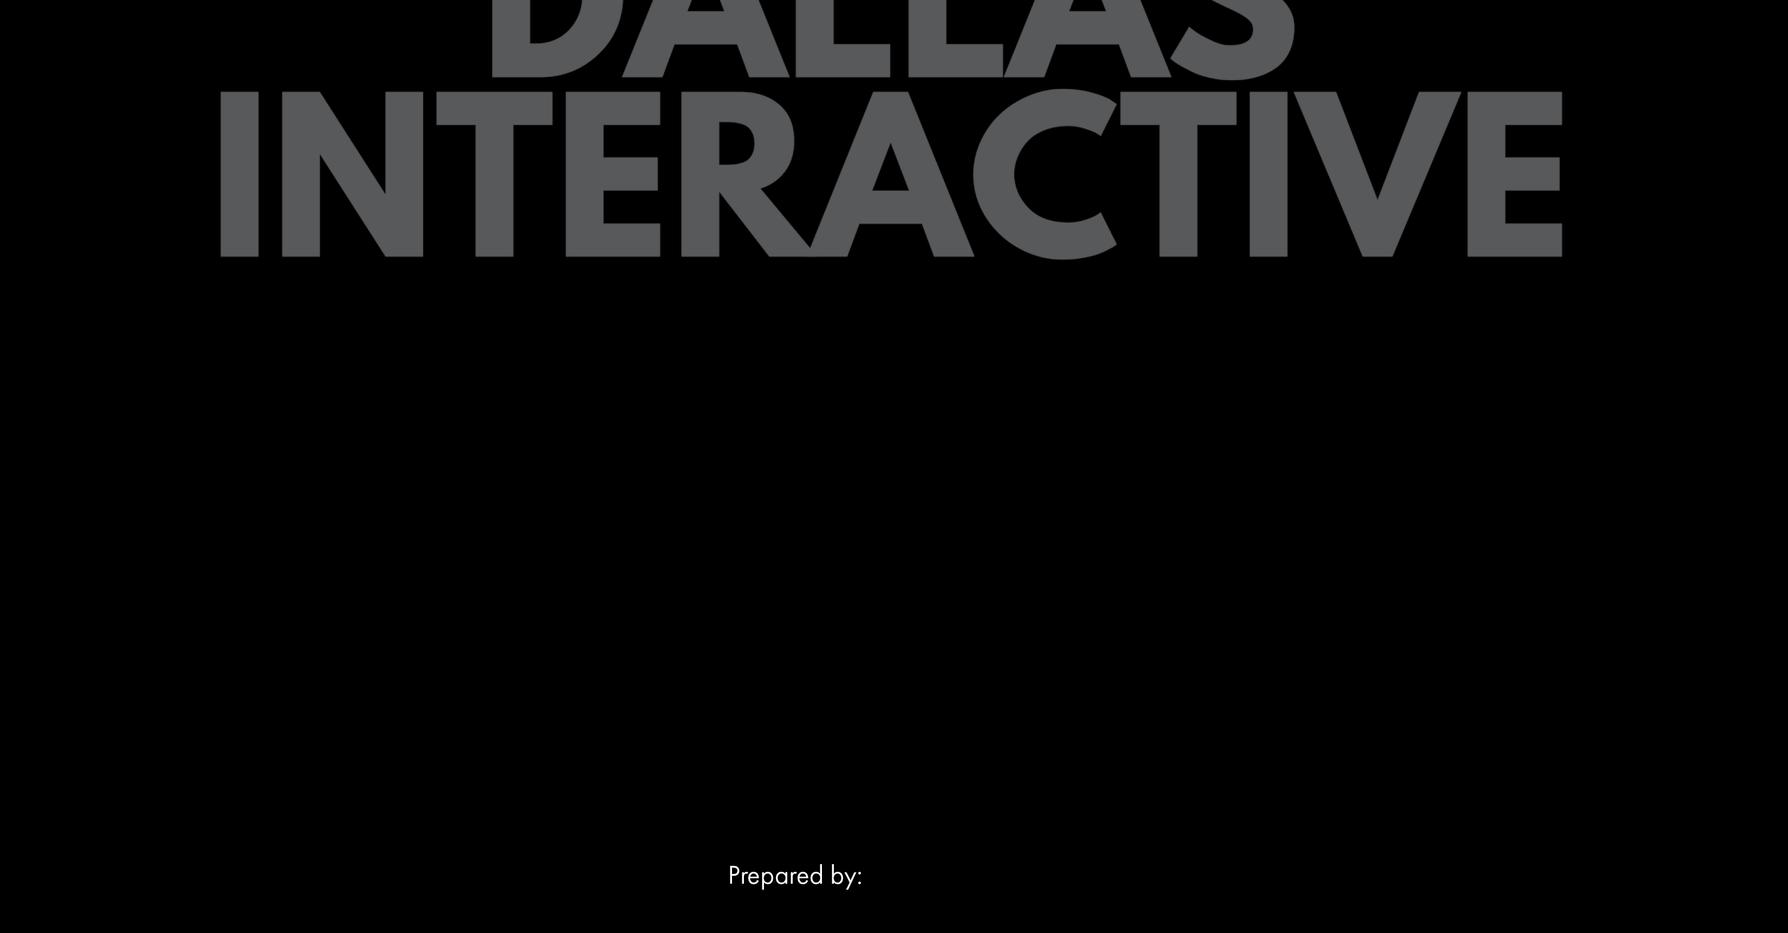 Dallas Interactive Brand Guidelines 1.24